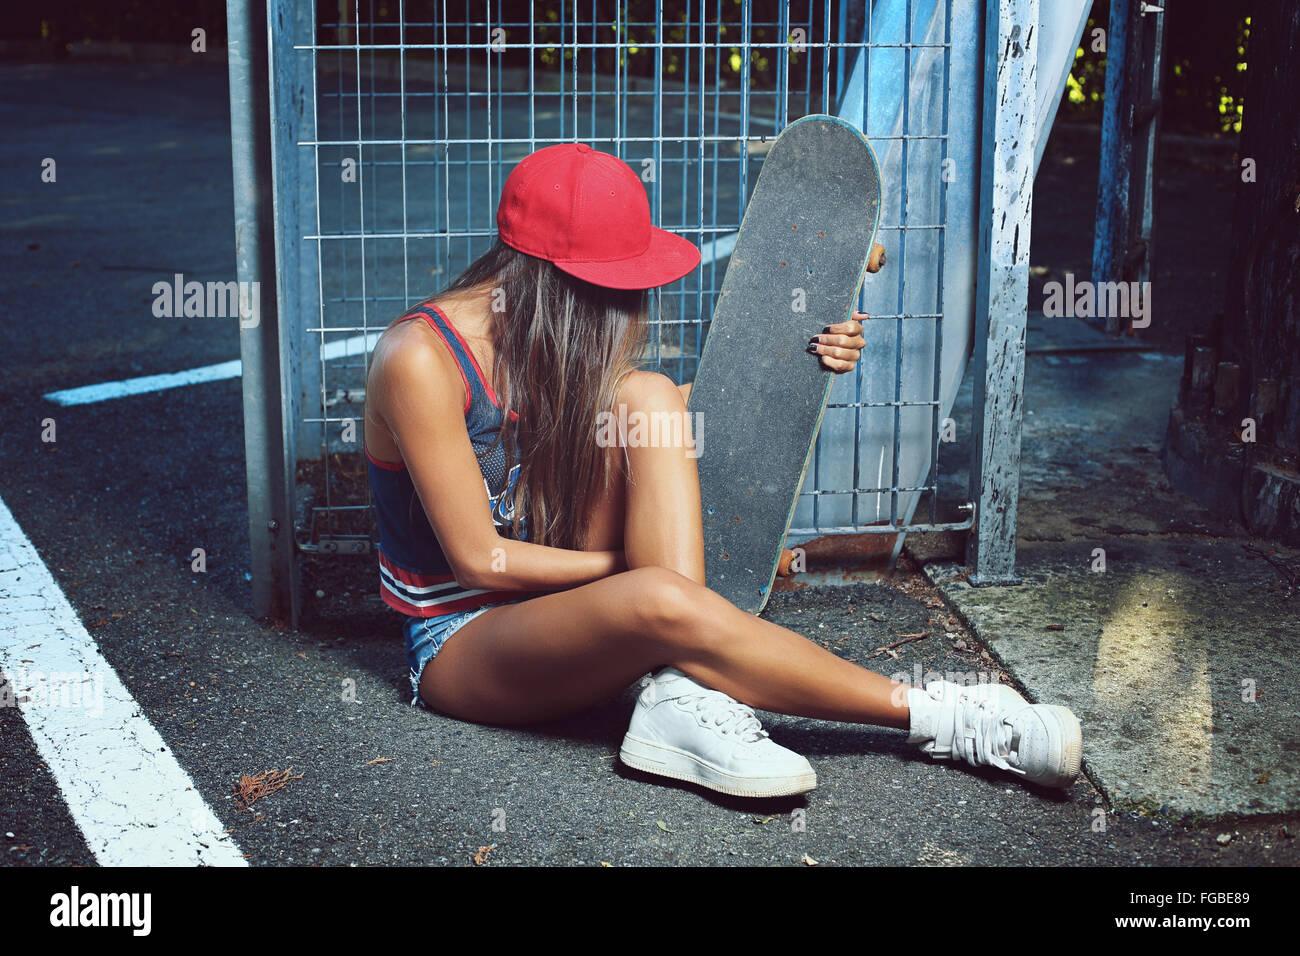 Skater-Girl auf der Straße sitzen. Städtischen Schuss Stockbild